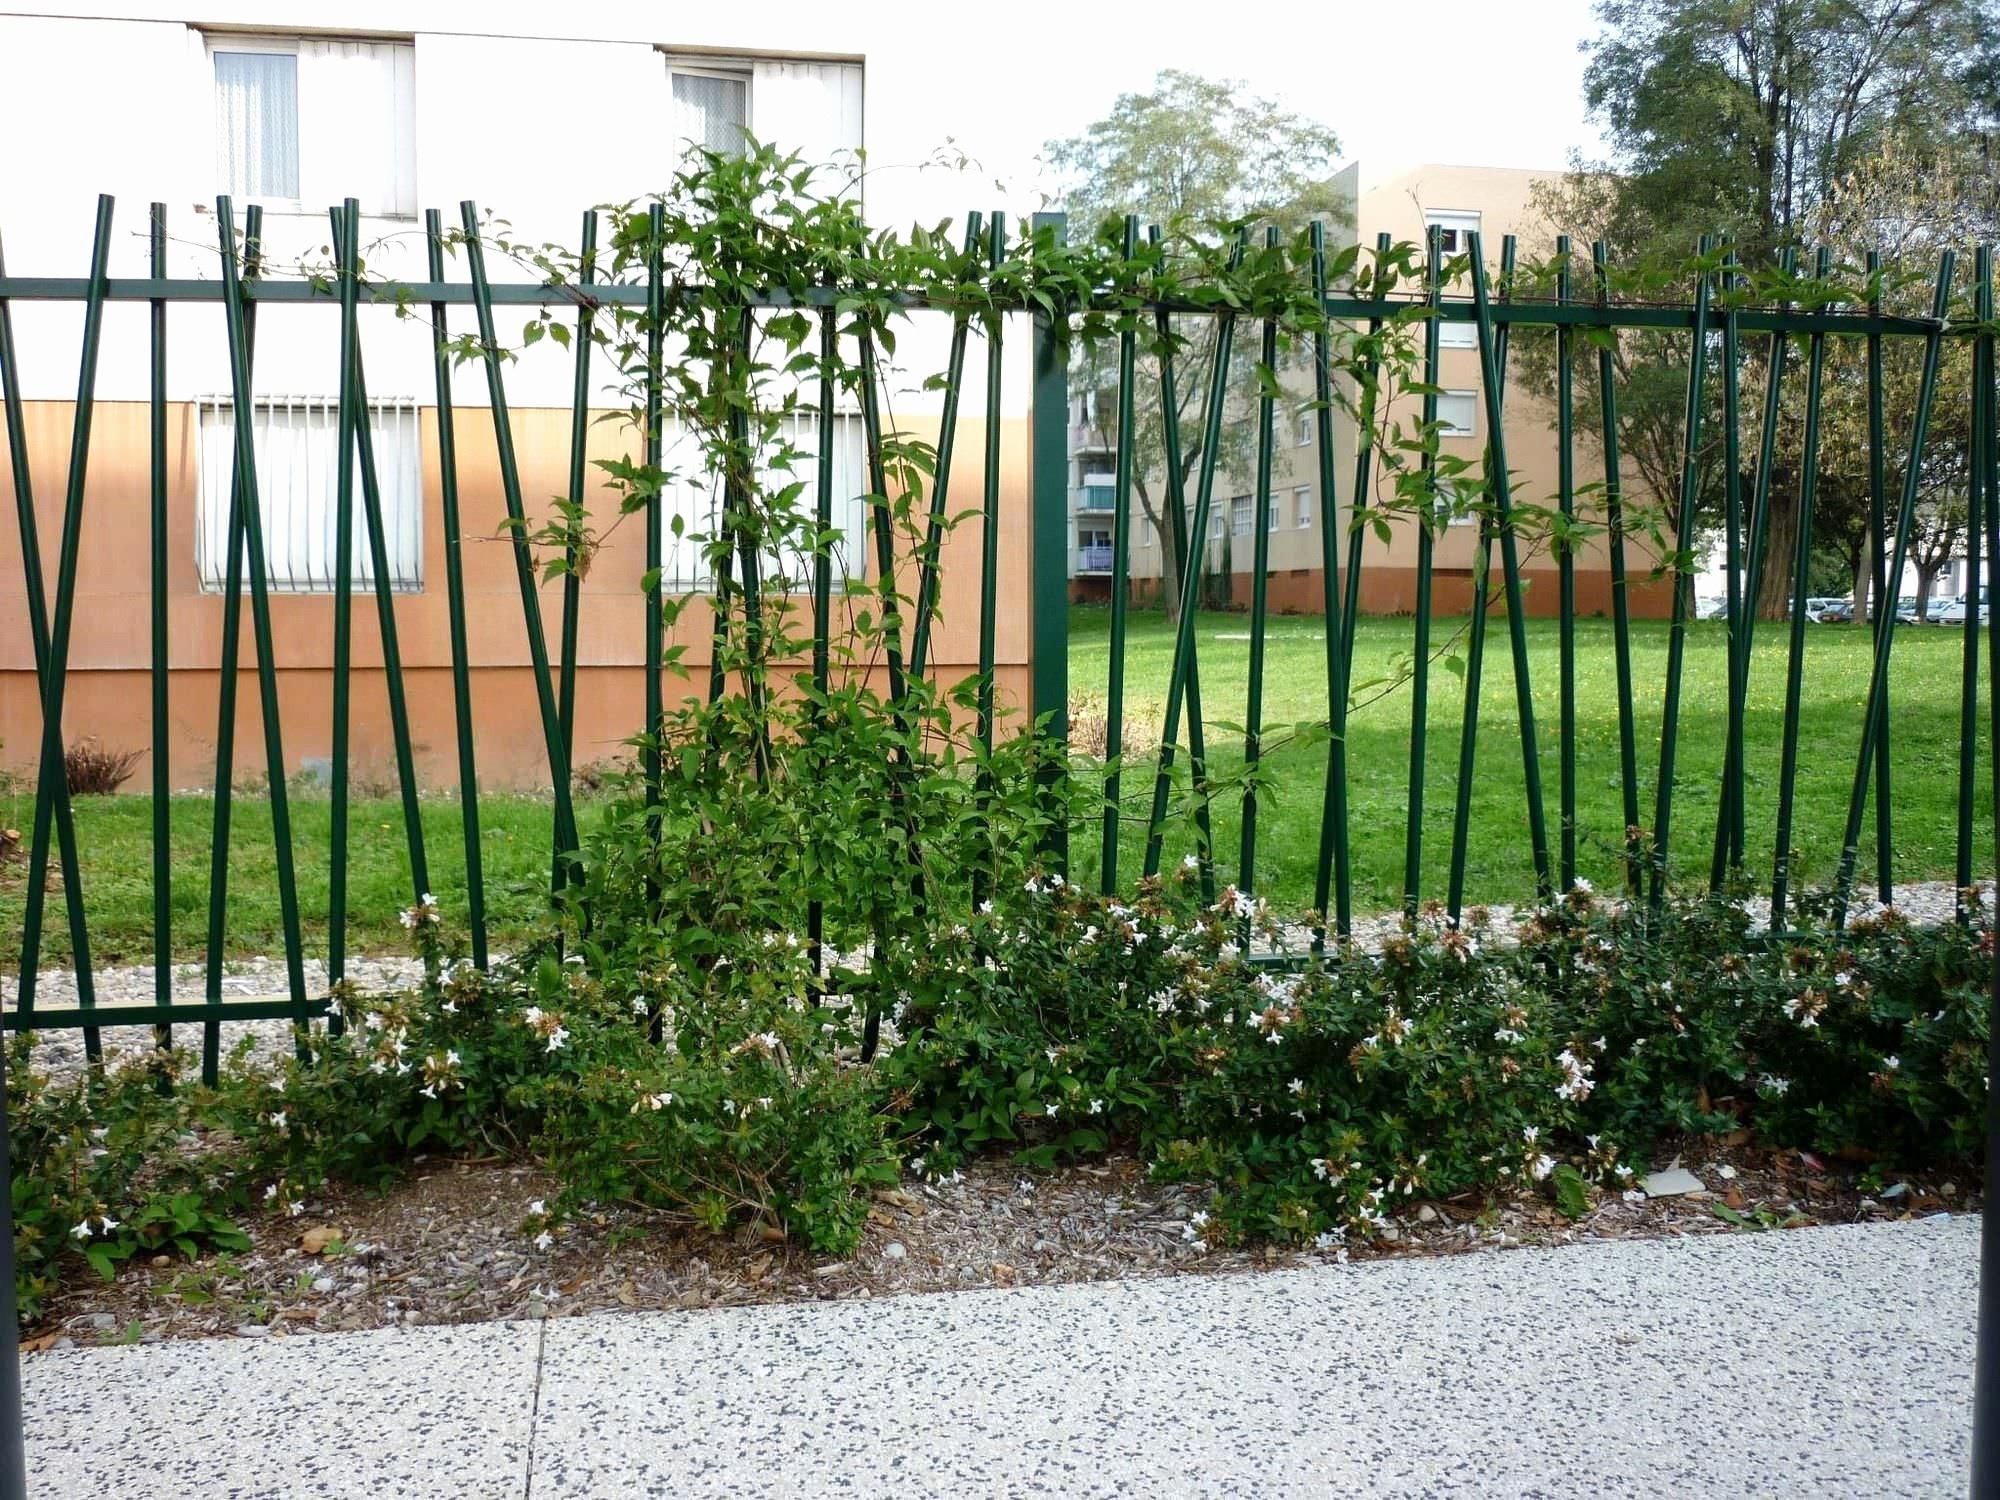 Le Bon Coin Serre De Jardin Occasion Particulier Impressionnant Galerie La Plus De Cabanon Jardin Occasion Dessin En Les Parlement